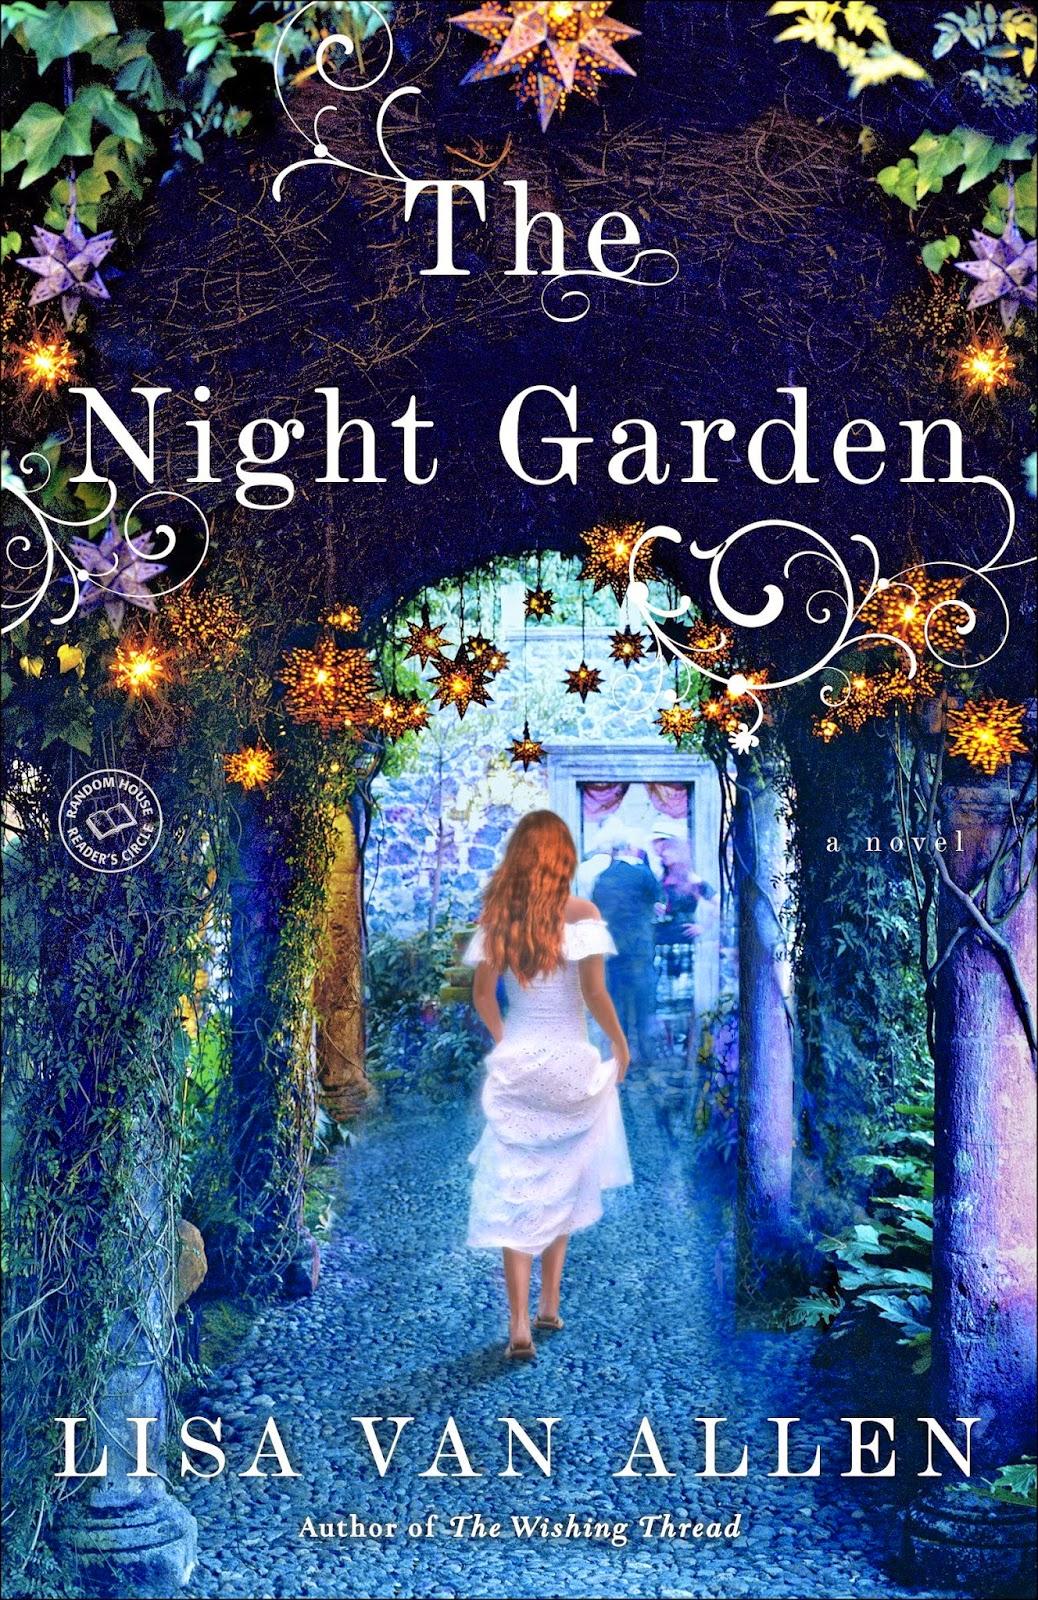 The Night Garden by Lisa Van Allen